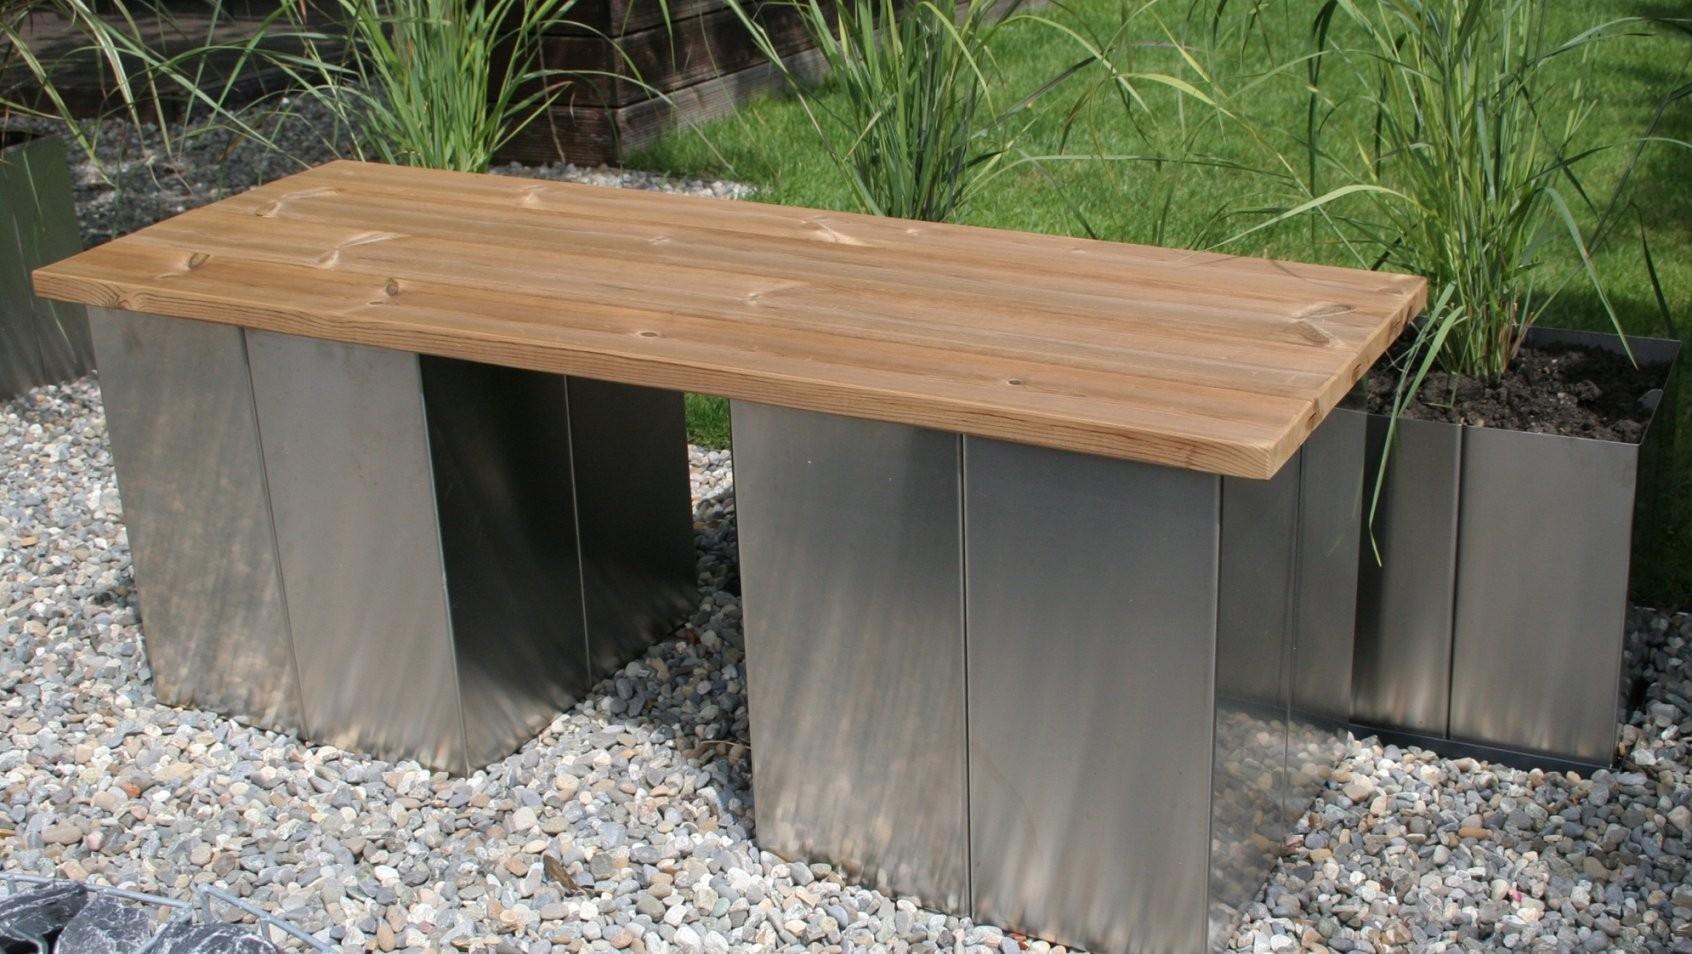 Garten Im Quadrat  Puristische Gartenbank Ohne Lehne Aus Edelstahl von Holzbank Ohne Lehne Garten Bild